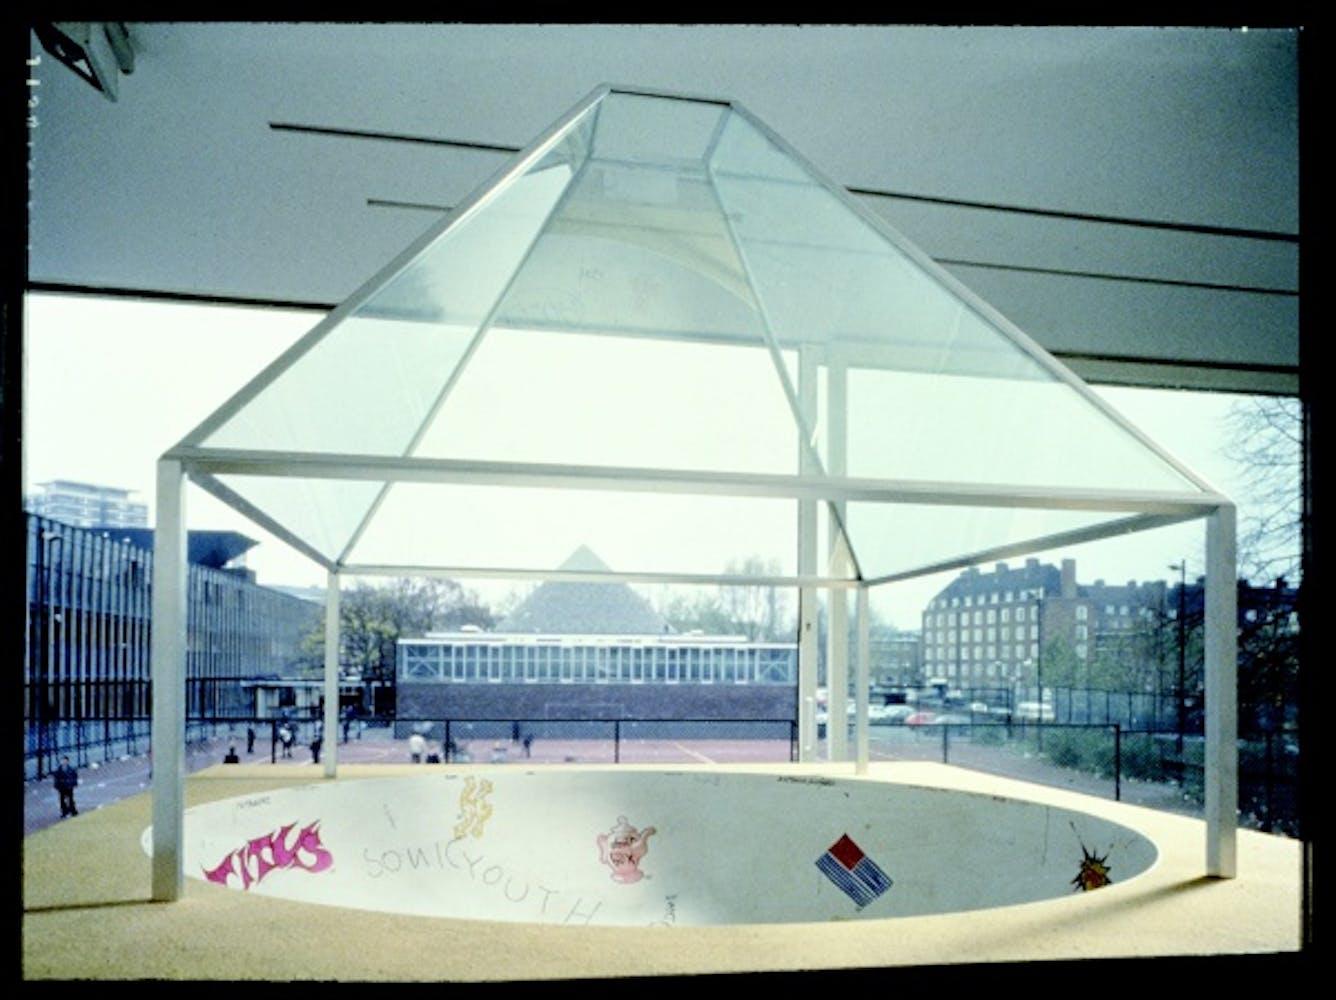 Dan Graham, Skateboard Pavilion, 1989